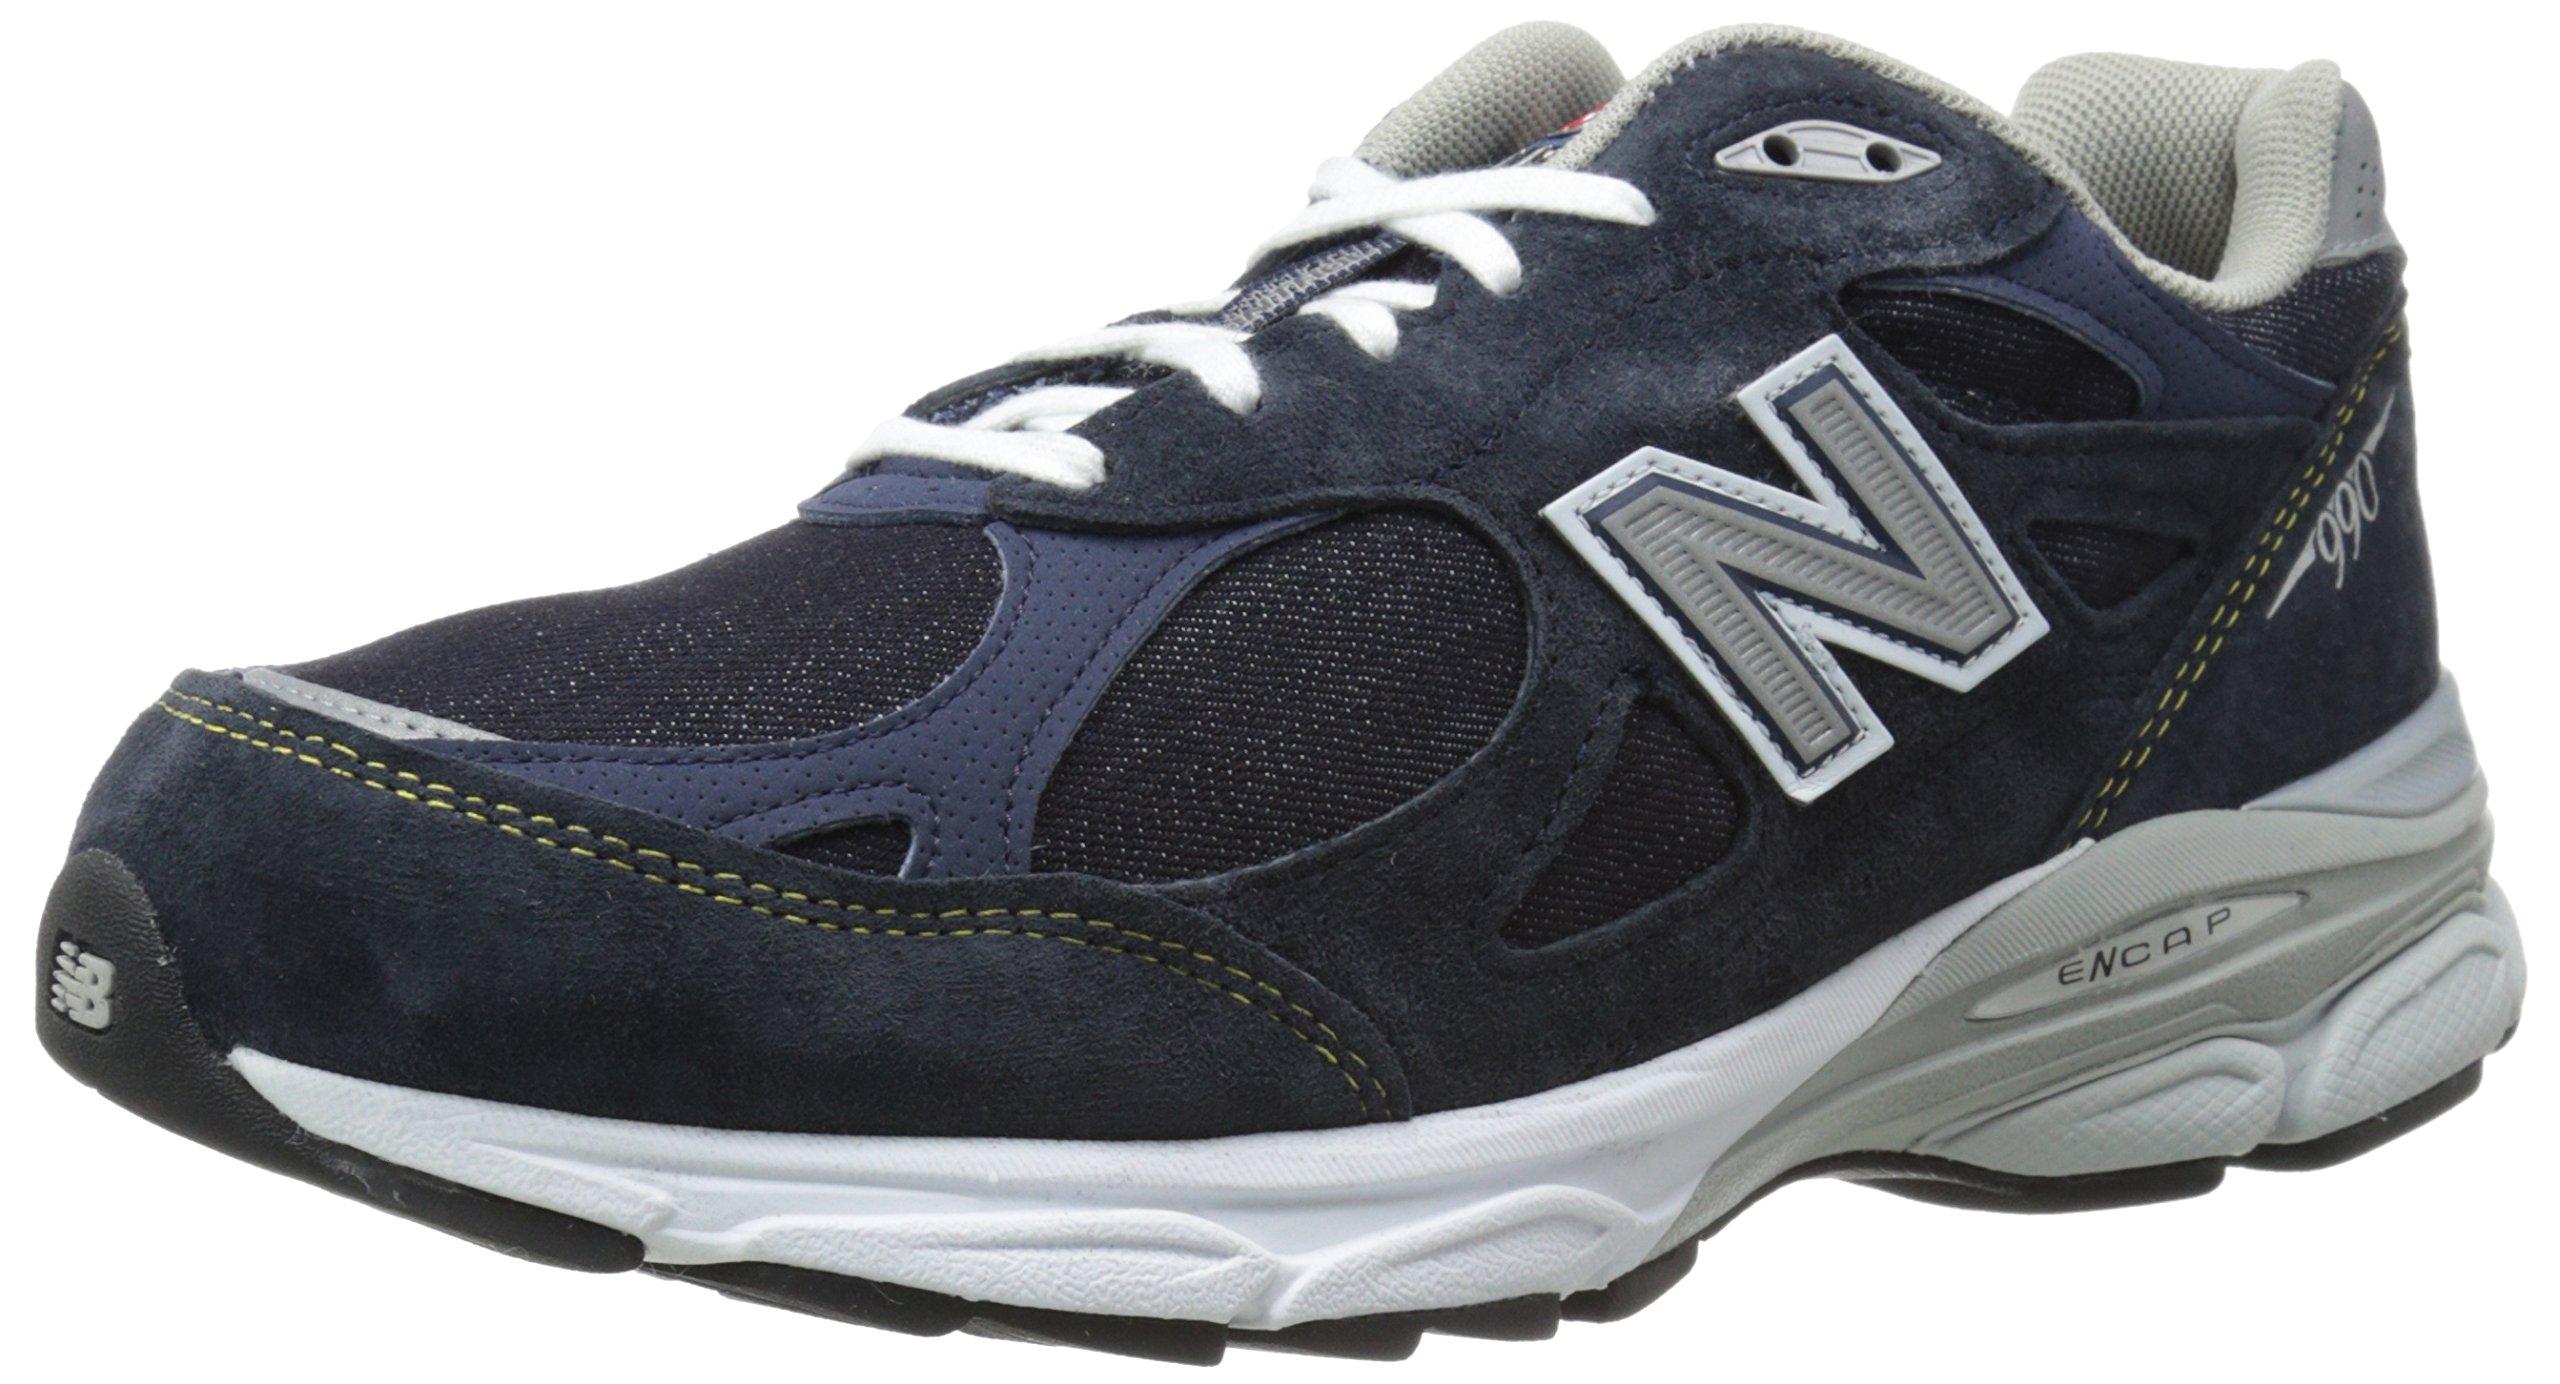 new balance men's m990v3